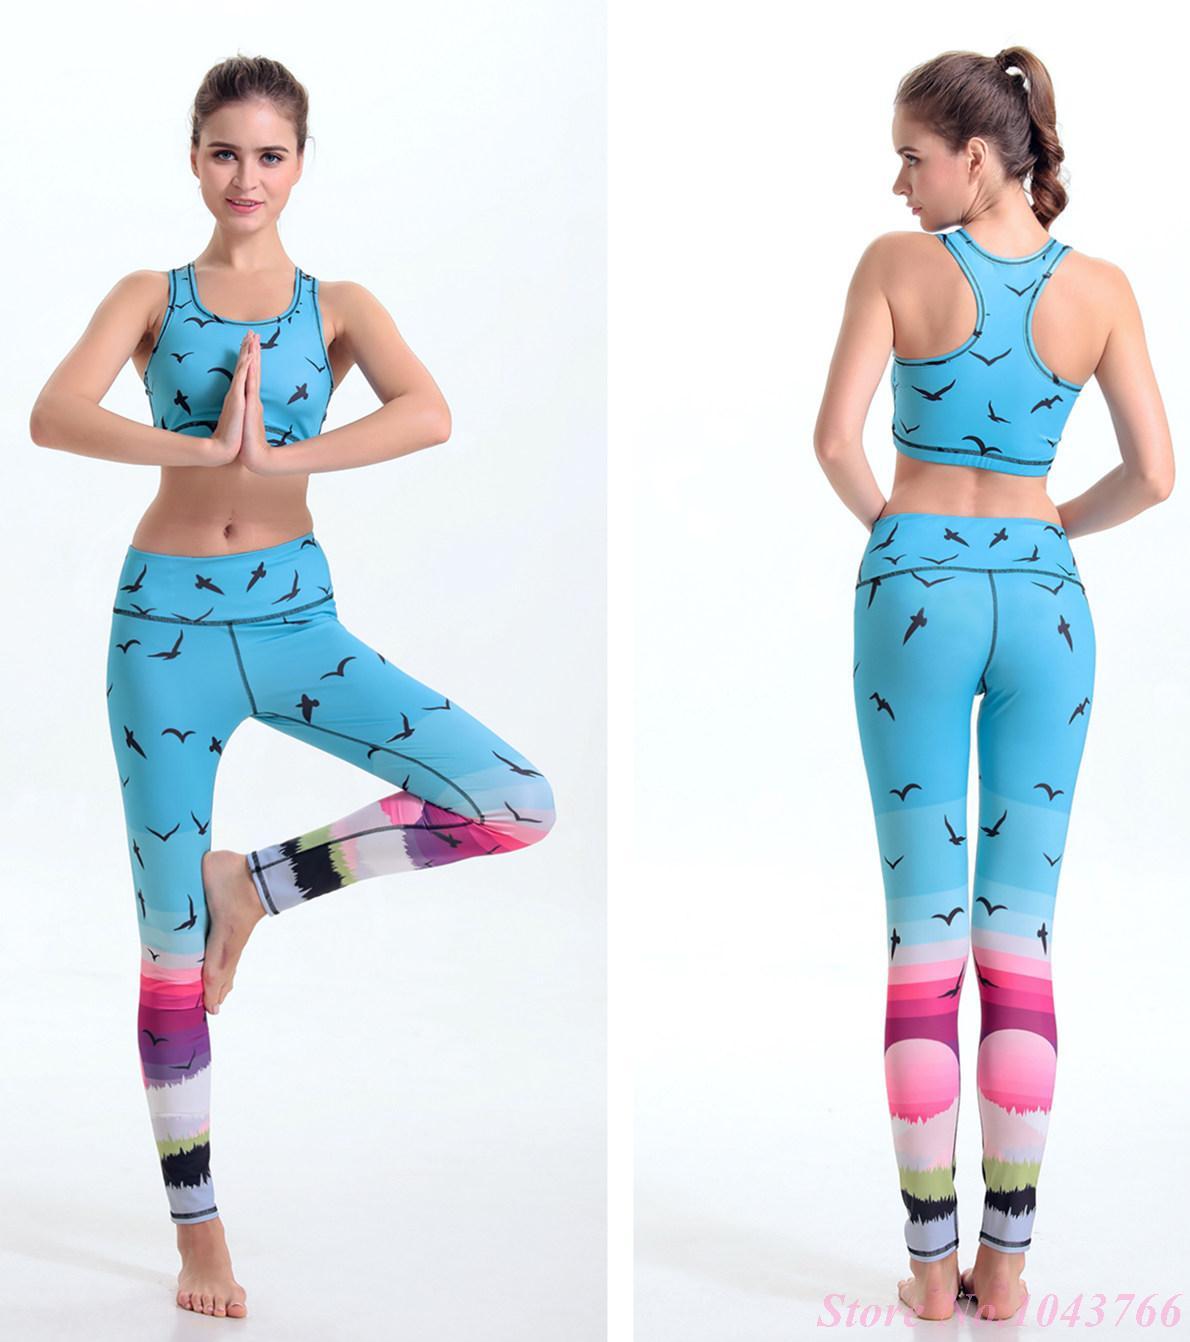 Спортивная Одежда Купить Женская Для Фитнеса